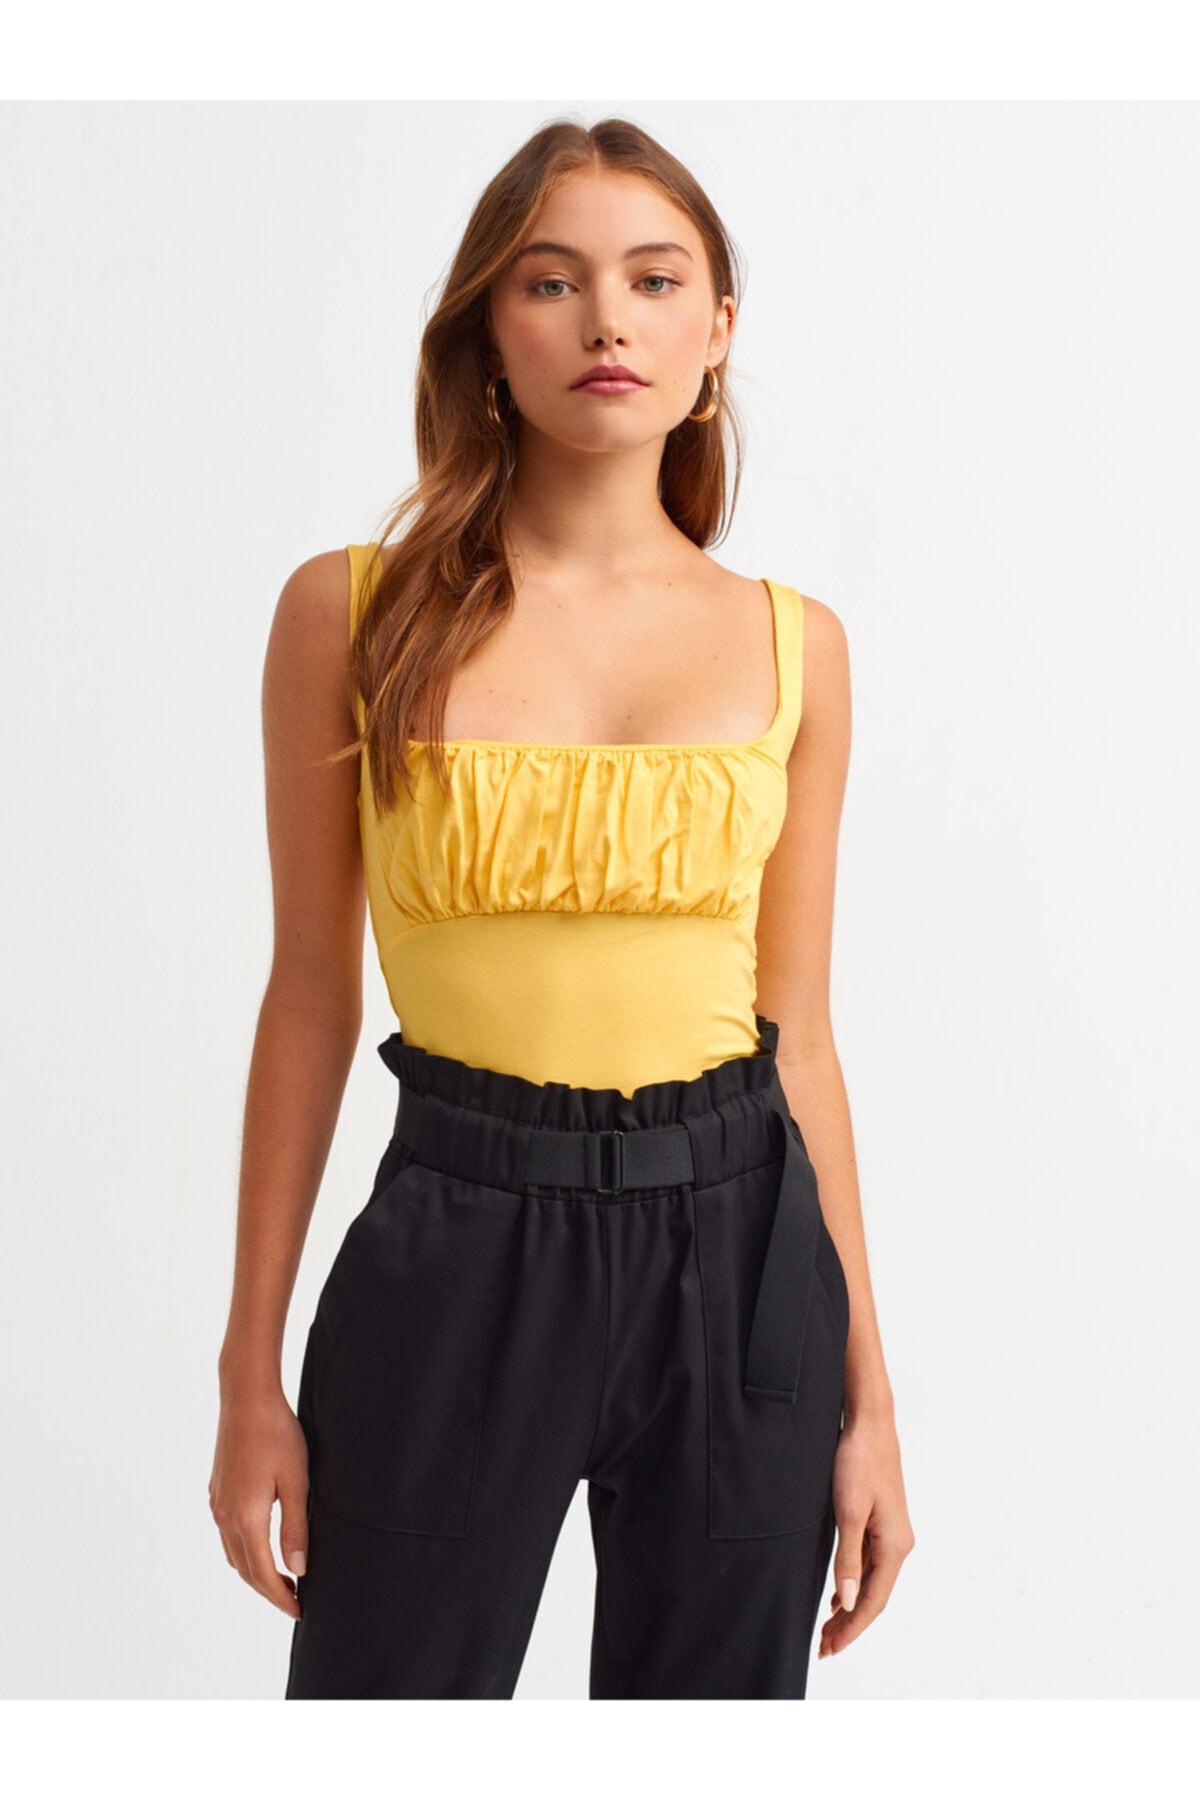 Dilvin 3562 Sıfır Kol Büzgü Detay T-shirt-sarı 1